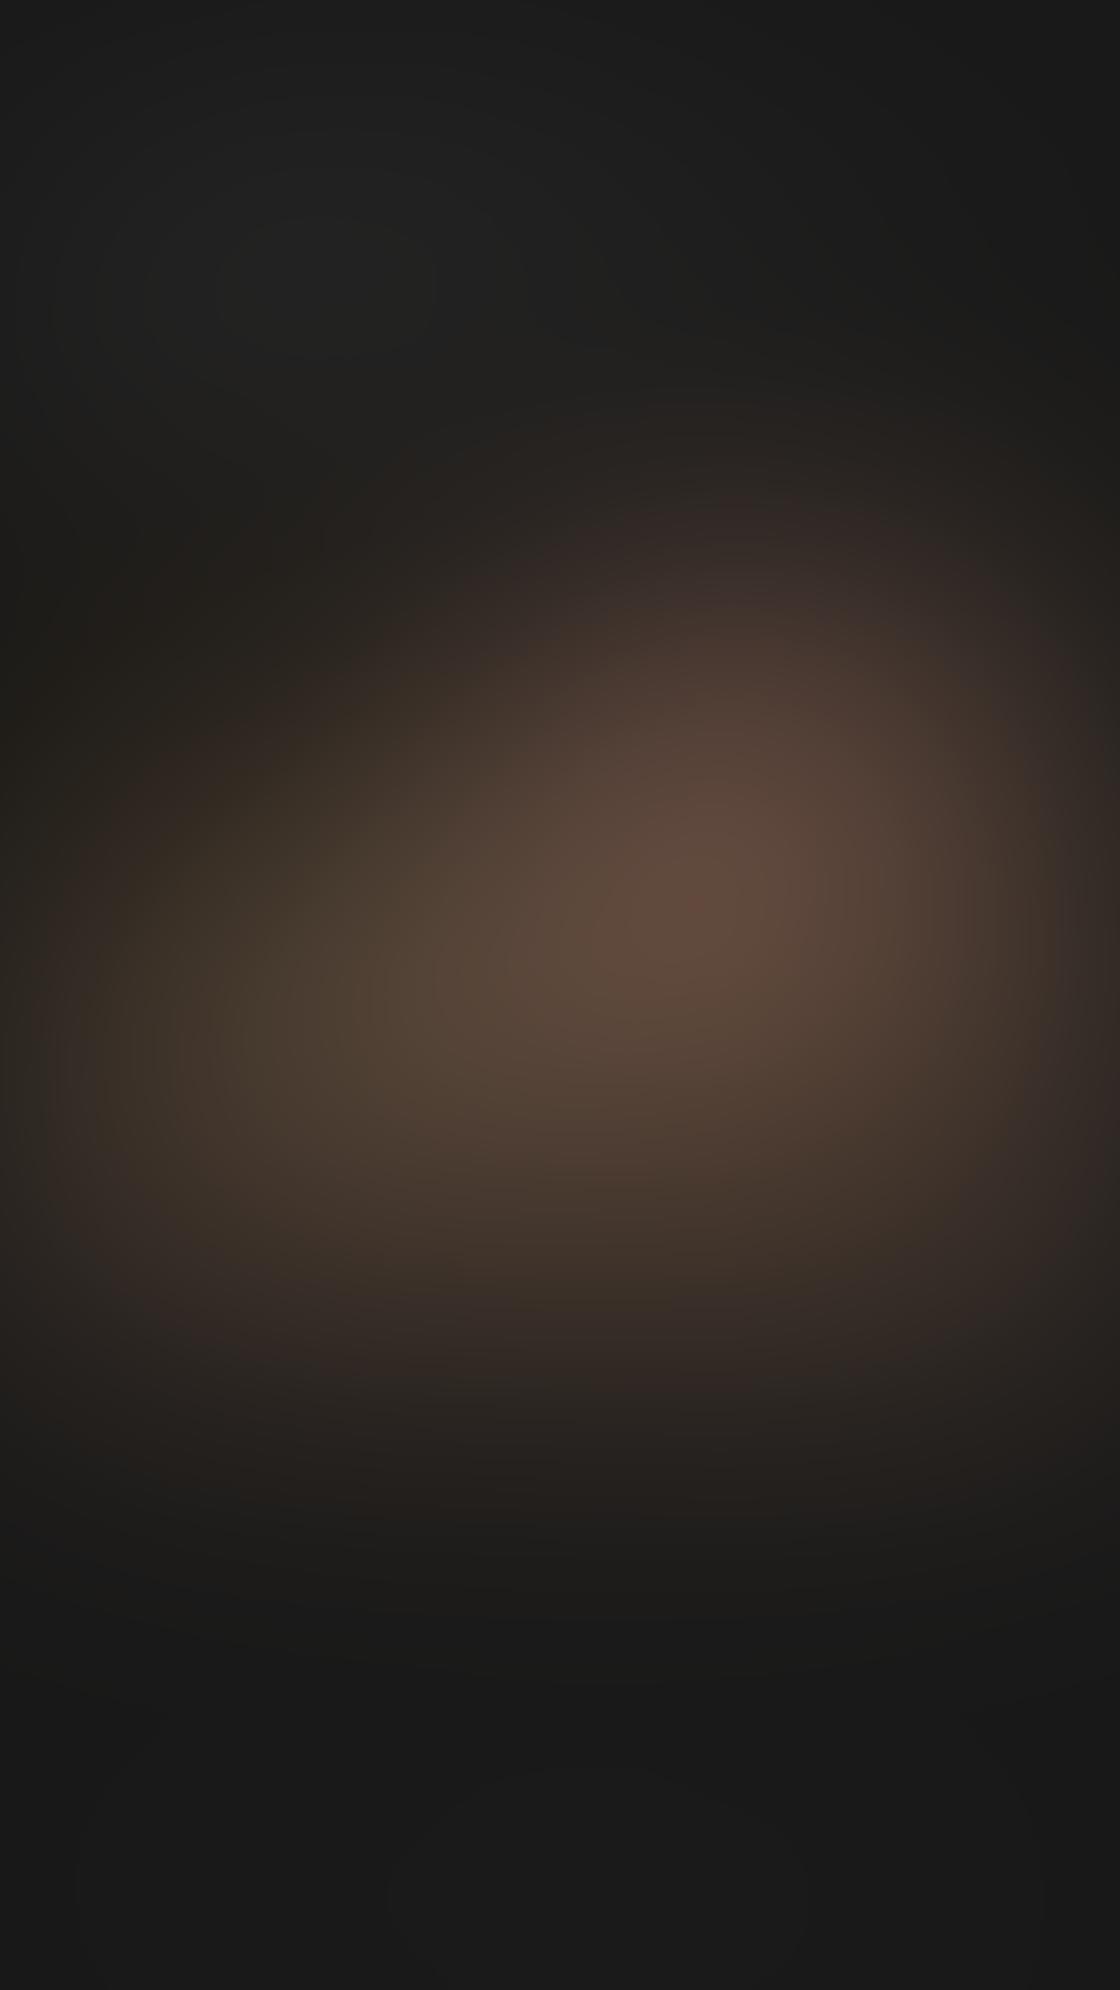 iPhone Lightroom App 8